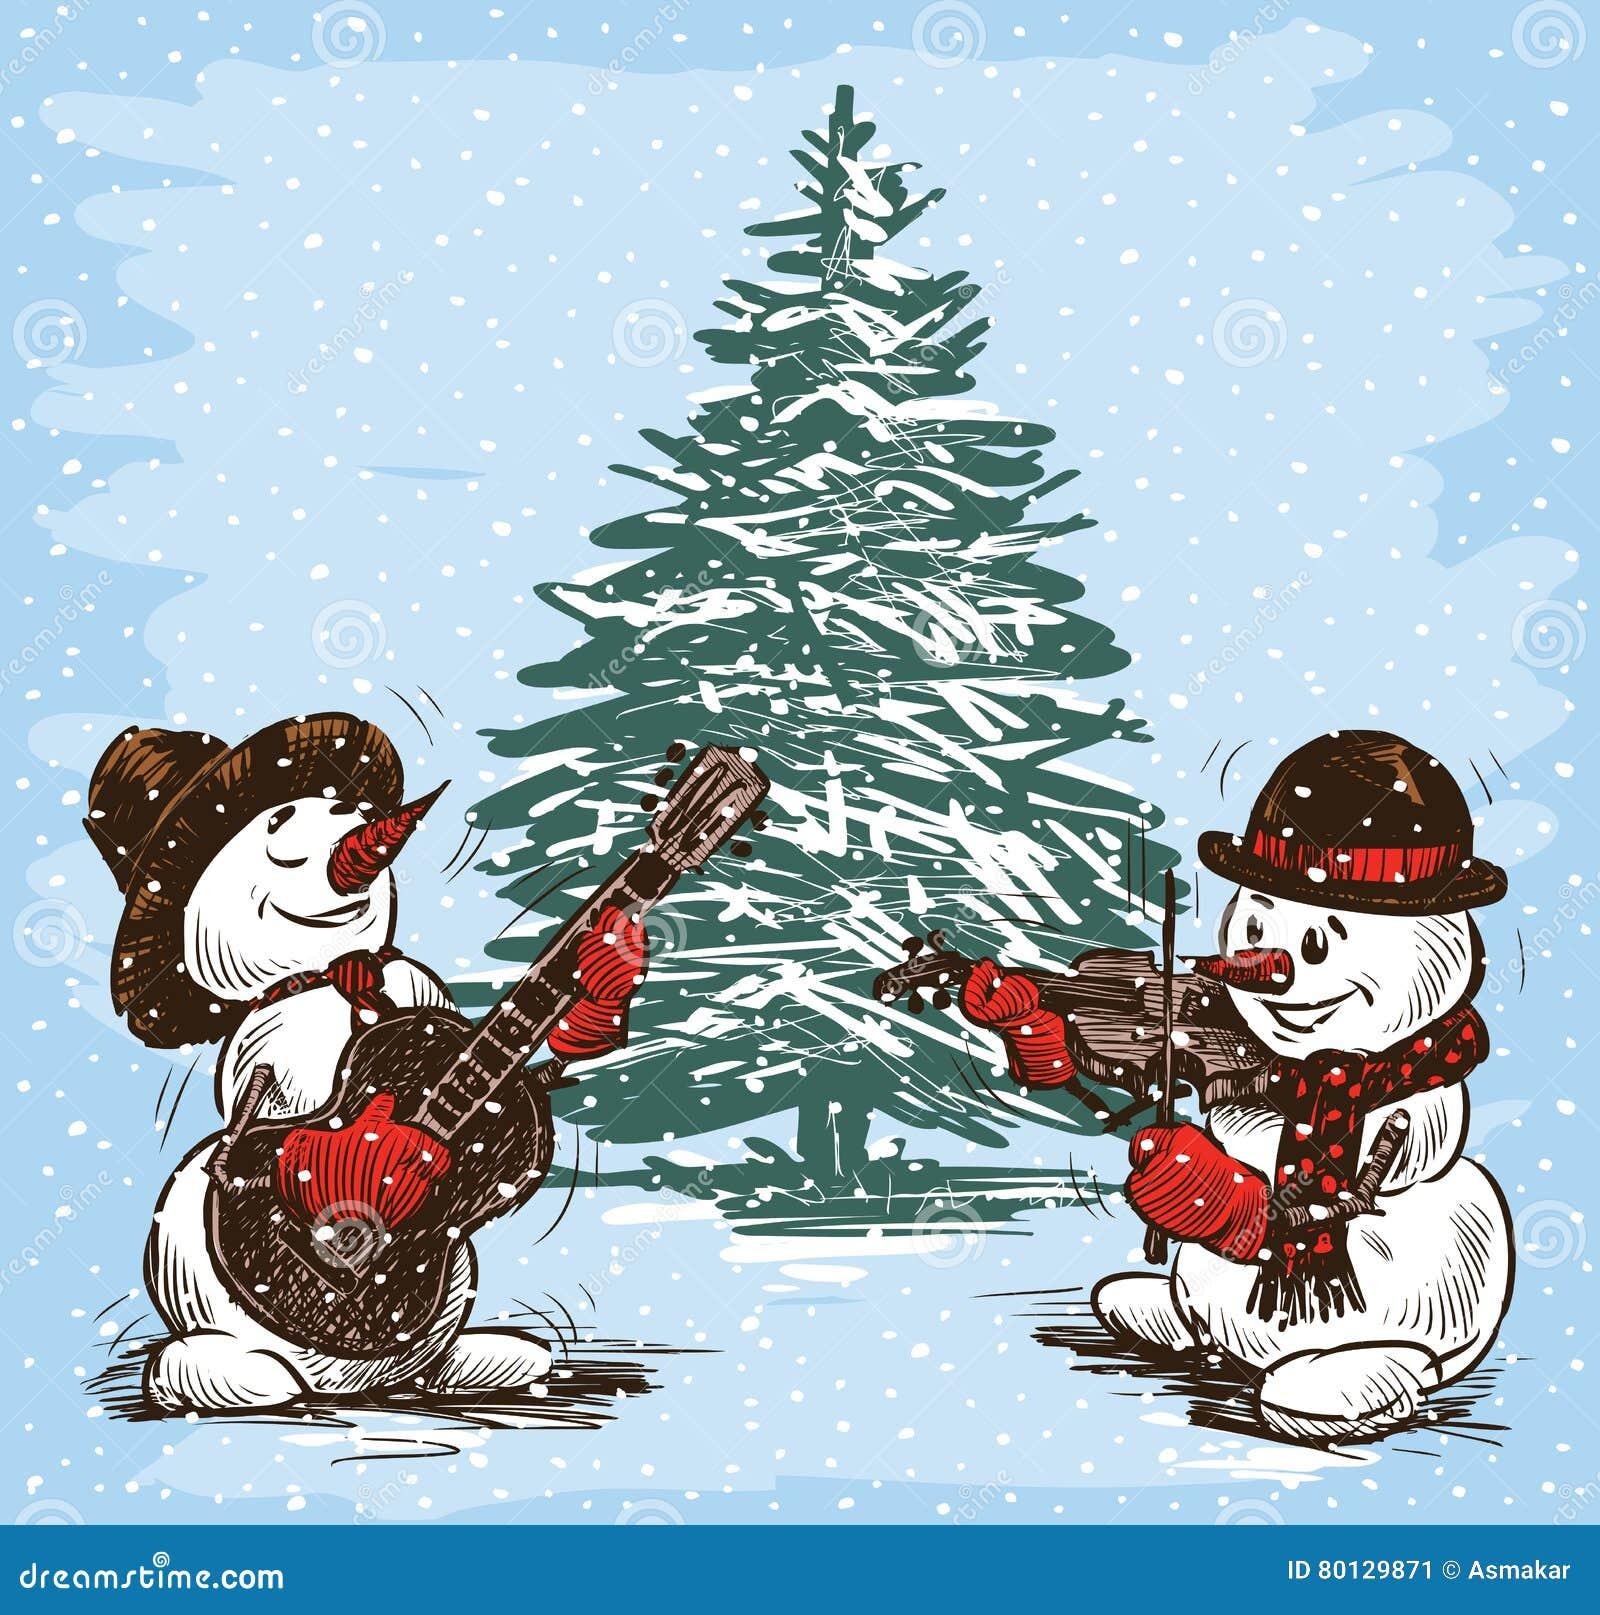 Músicos de los muñecos de nieve en un árbol de navidad